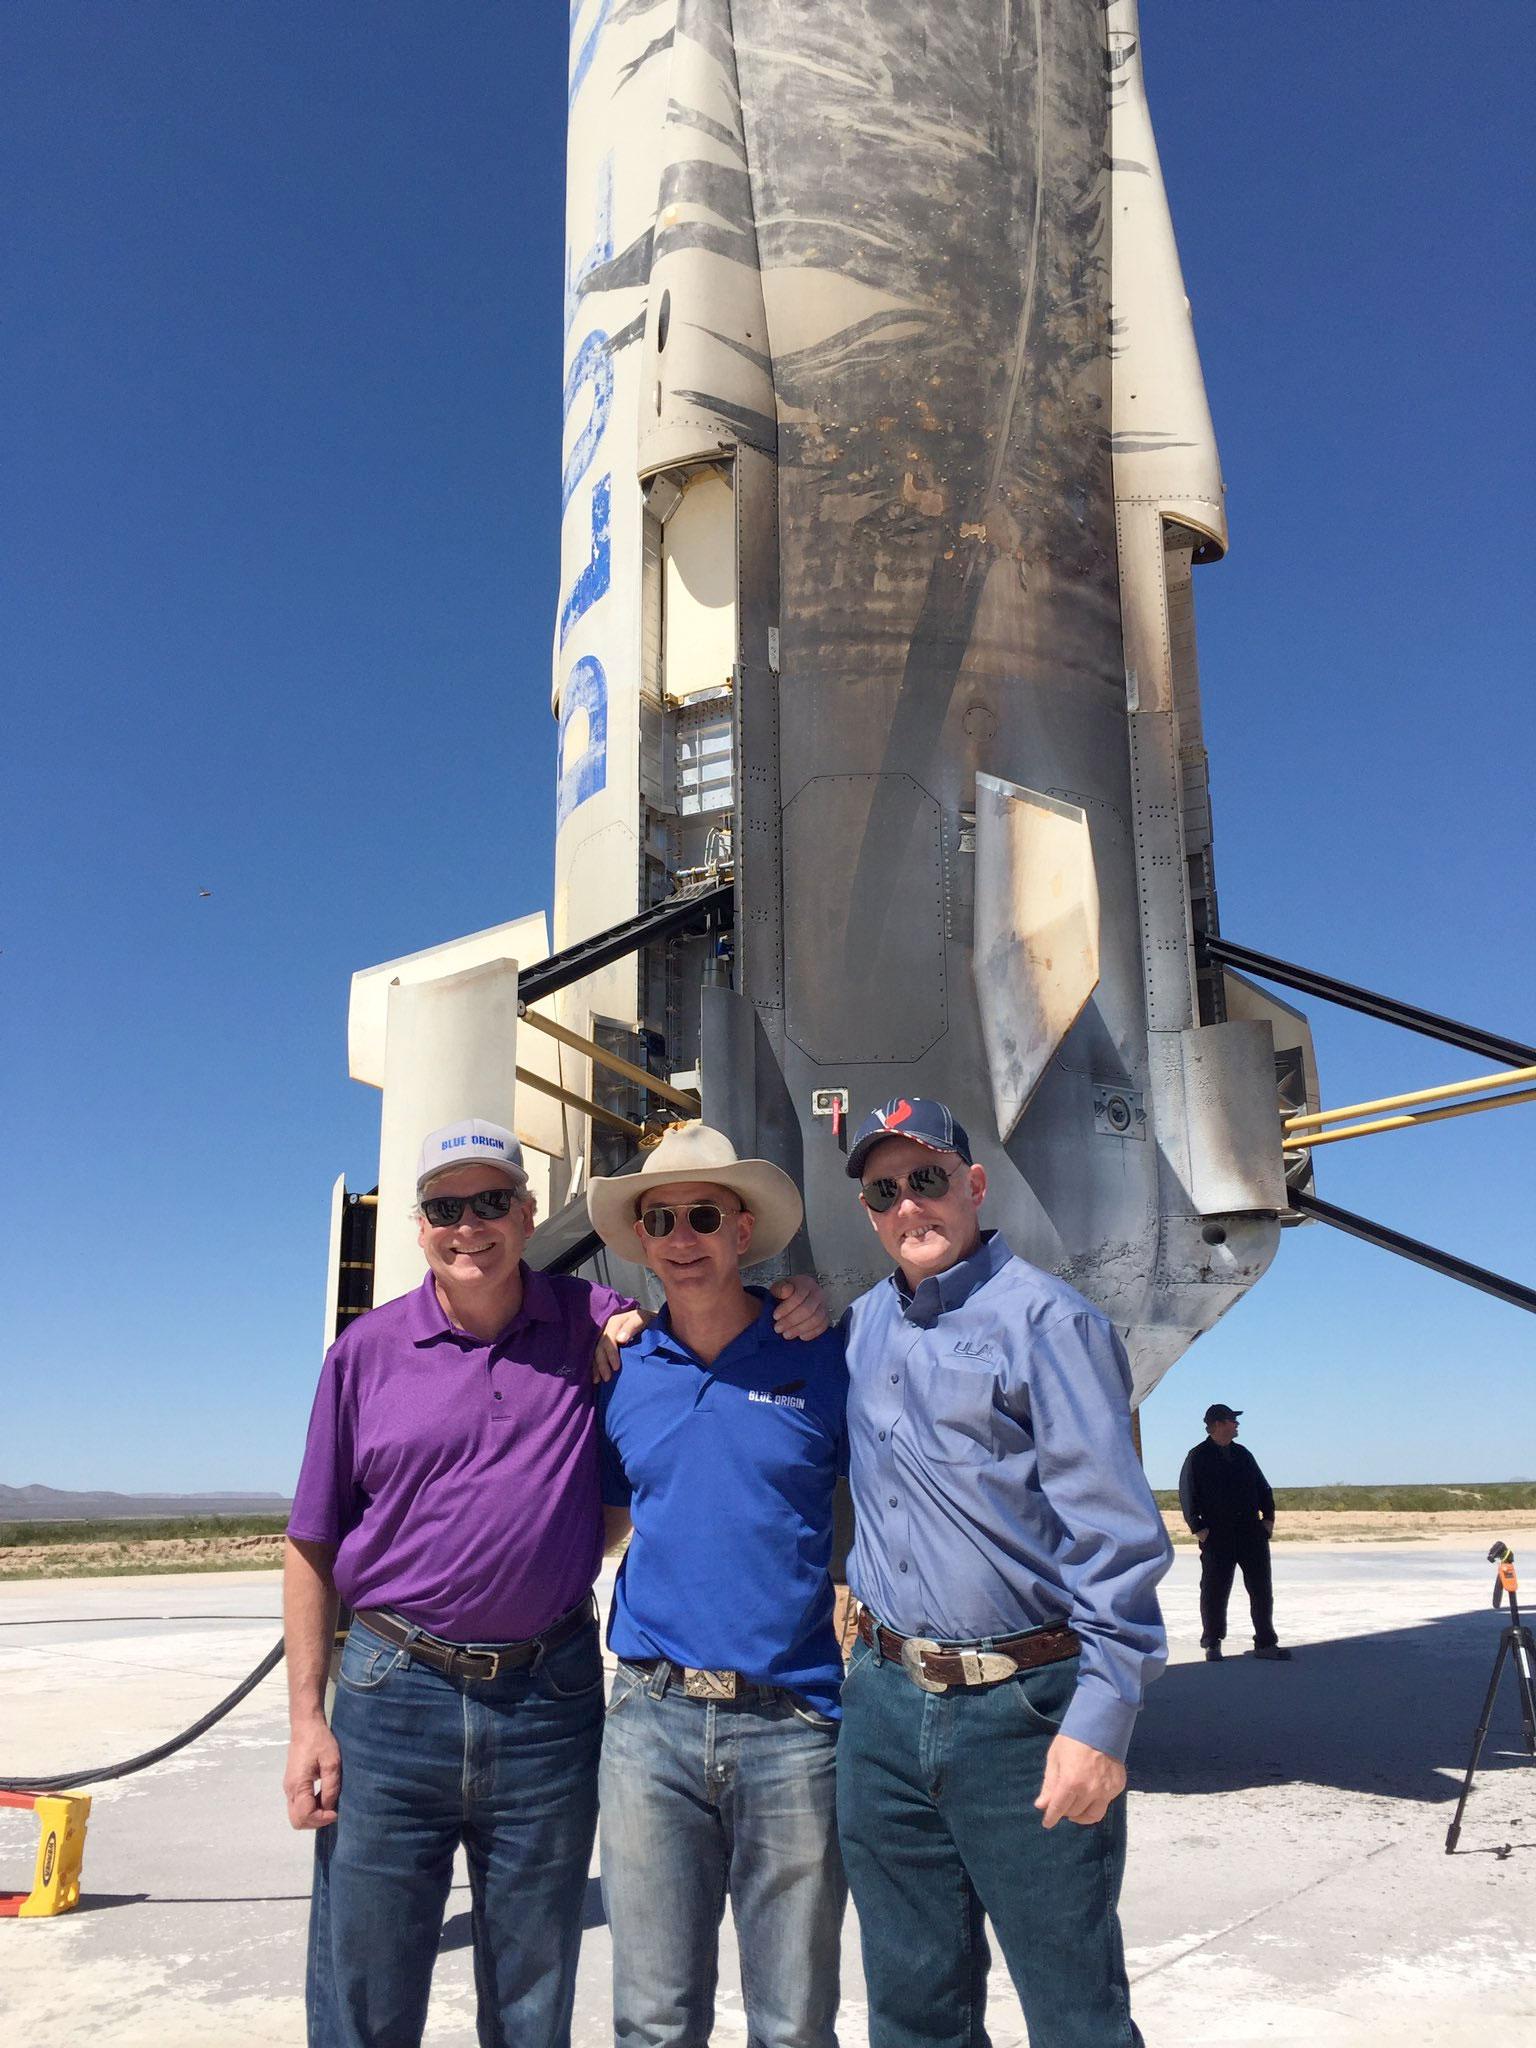 Escape Now Houston >> Blue Origin New Shepard escape test (10.5.16) - collectSPACE: Messages